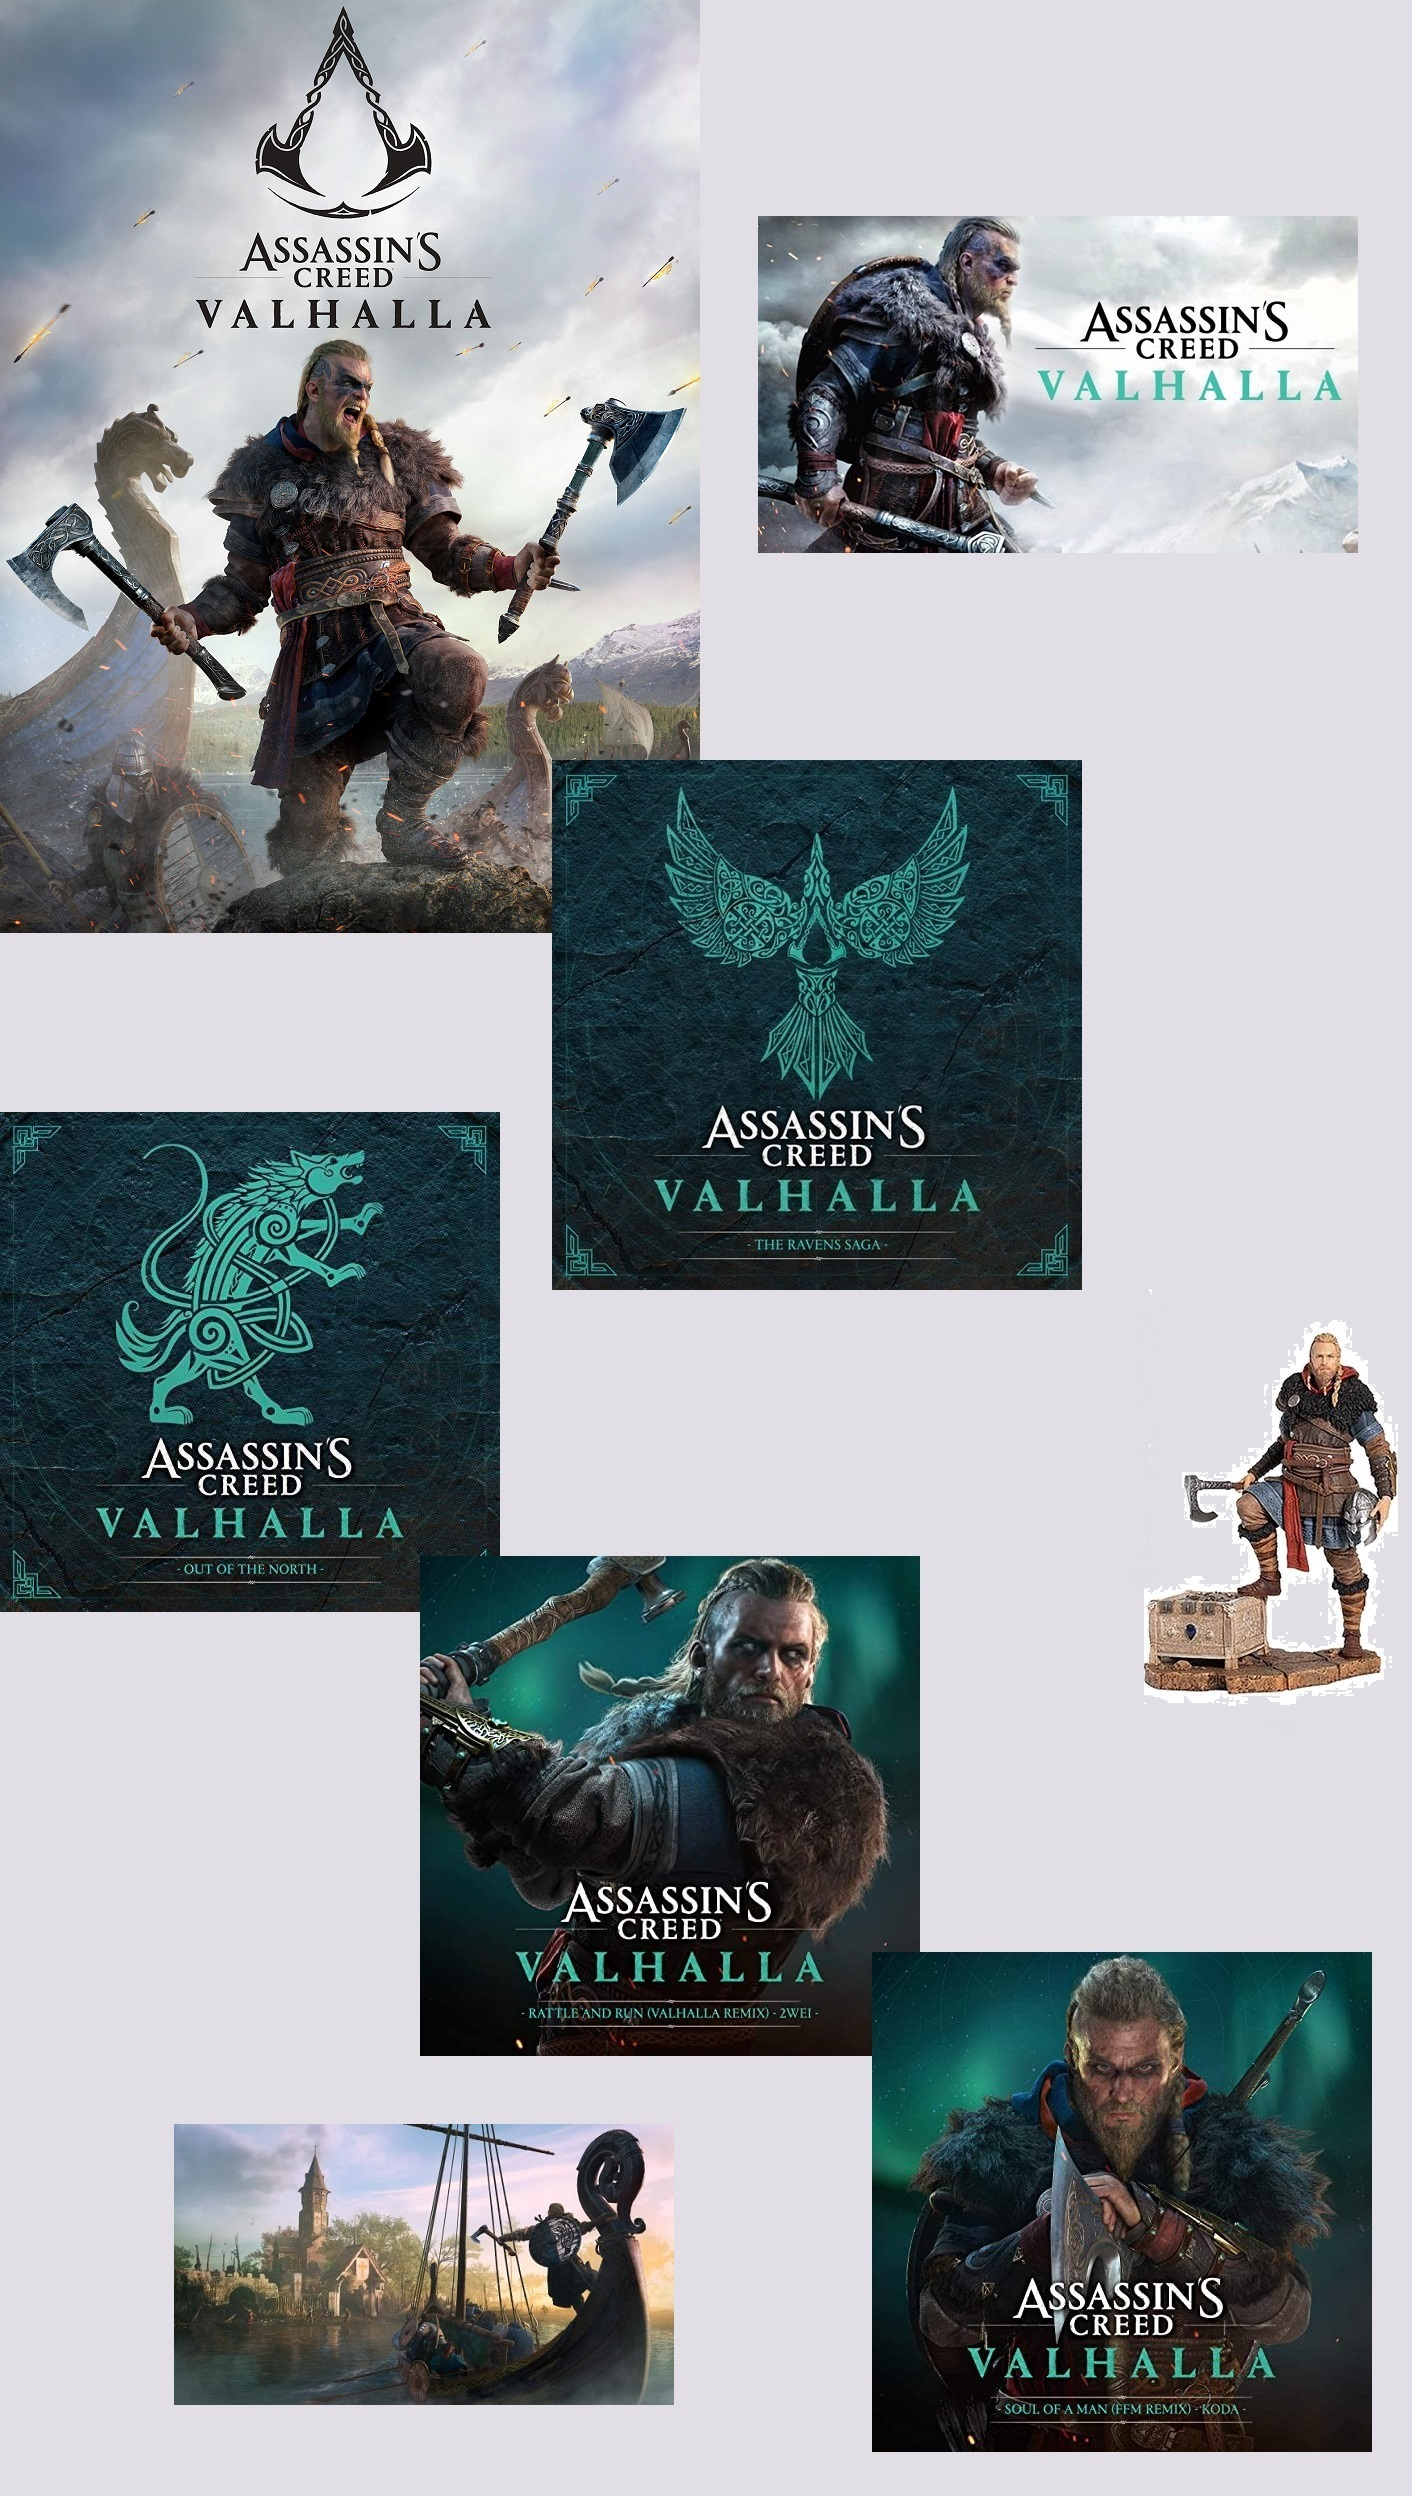 Asssasin's Creed Valhalla